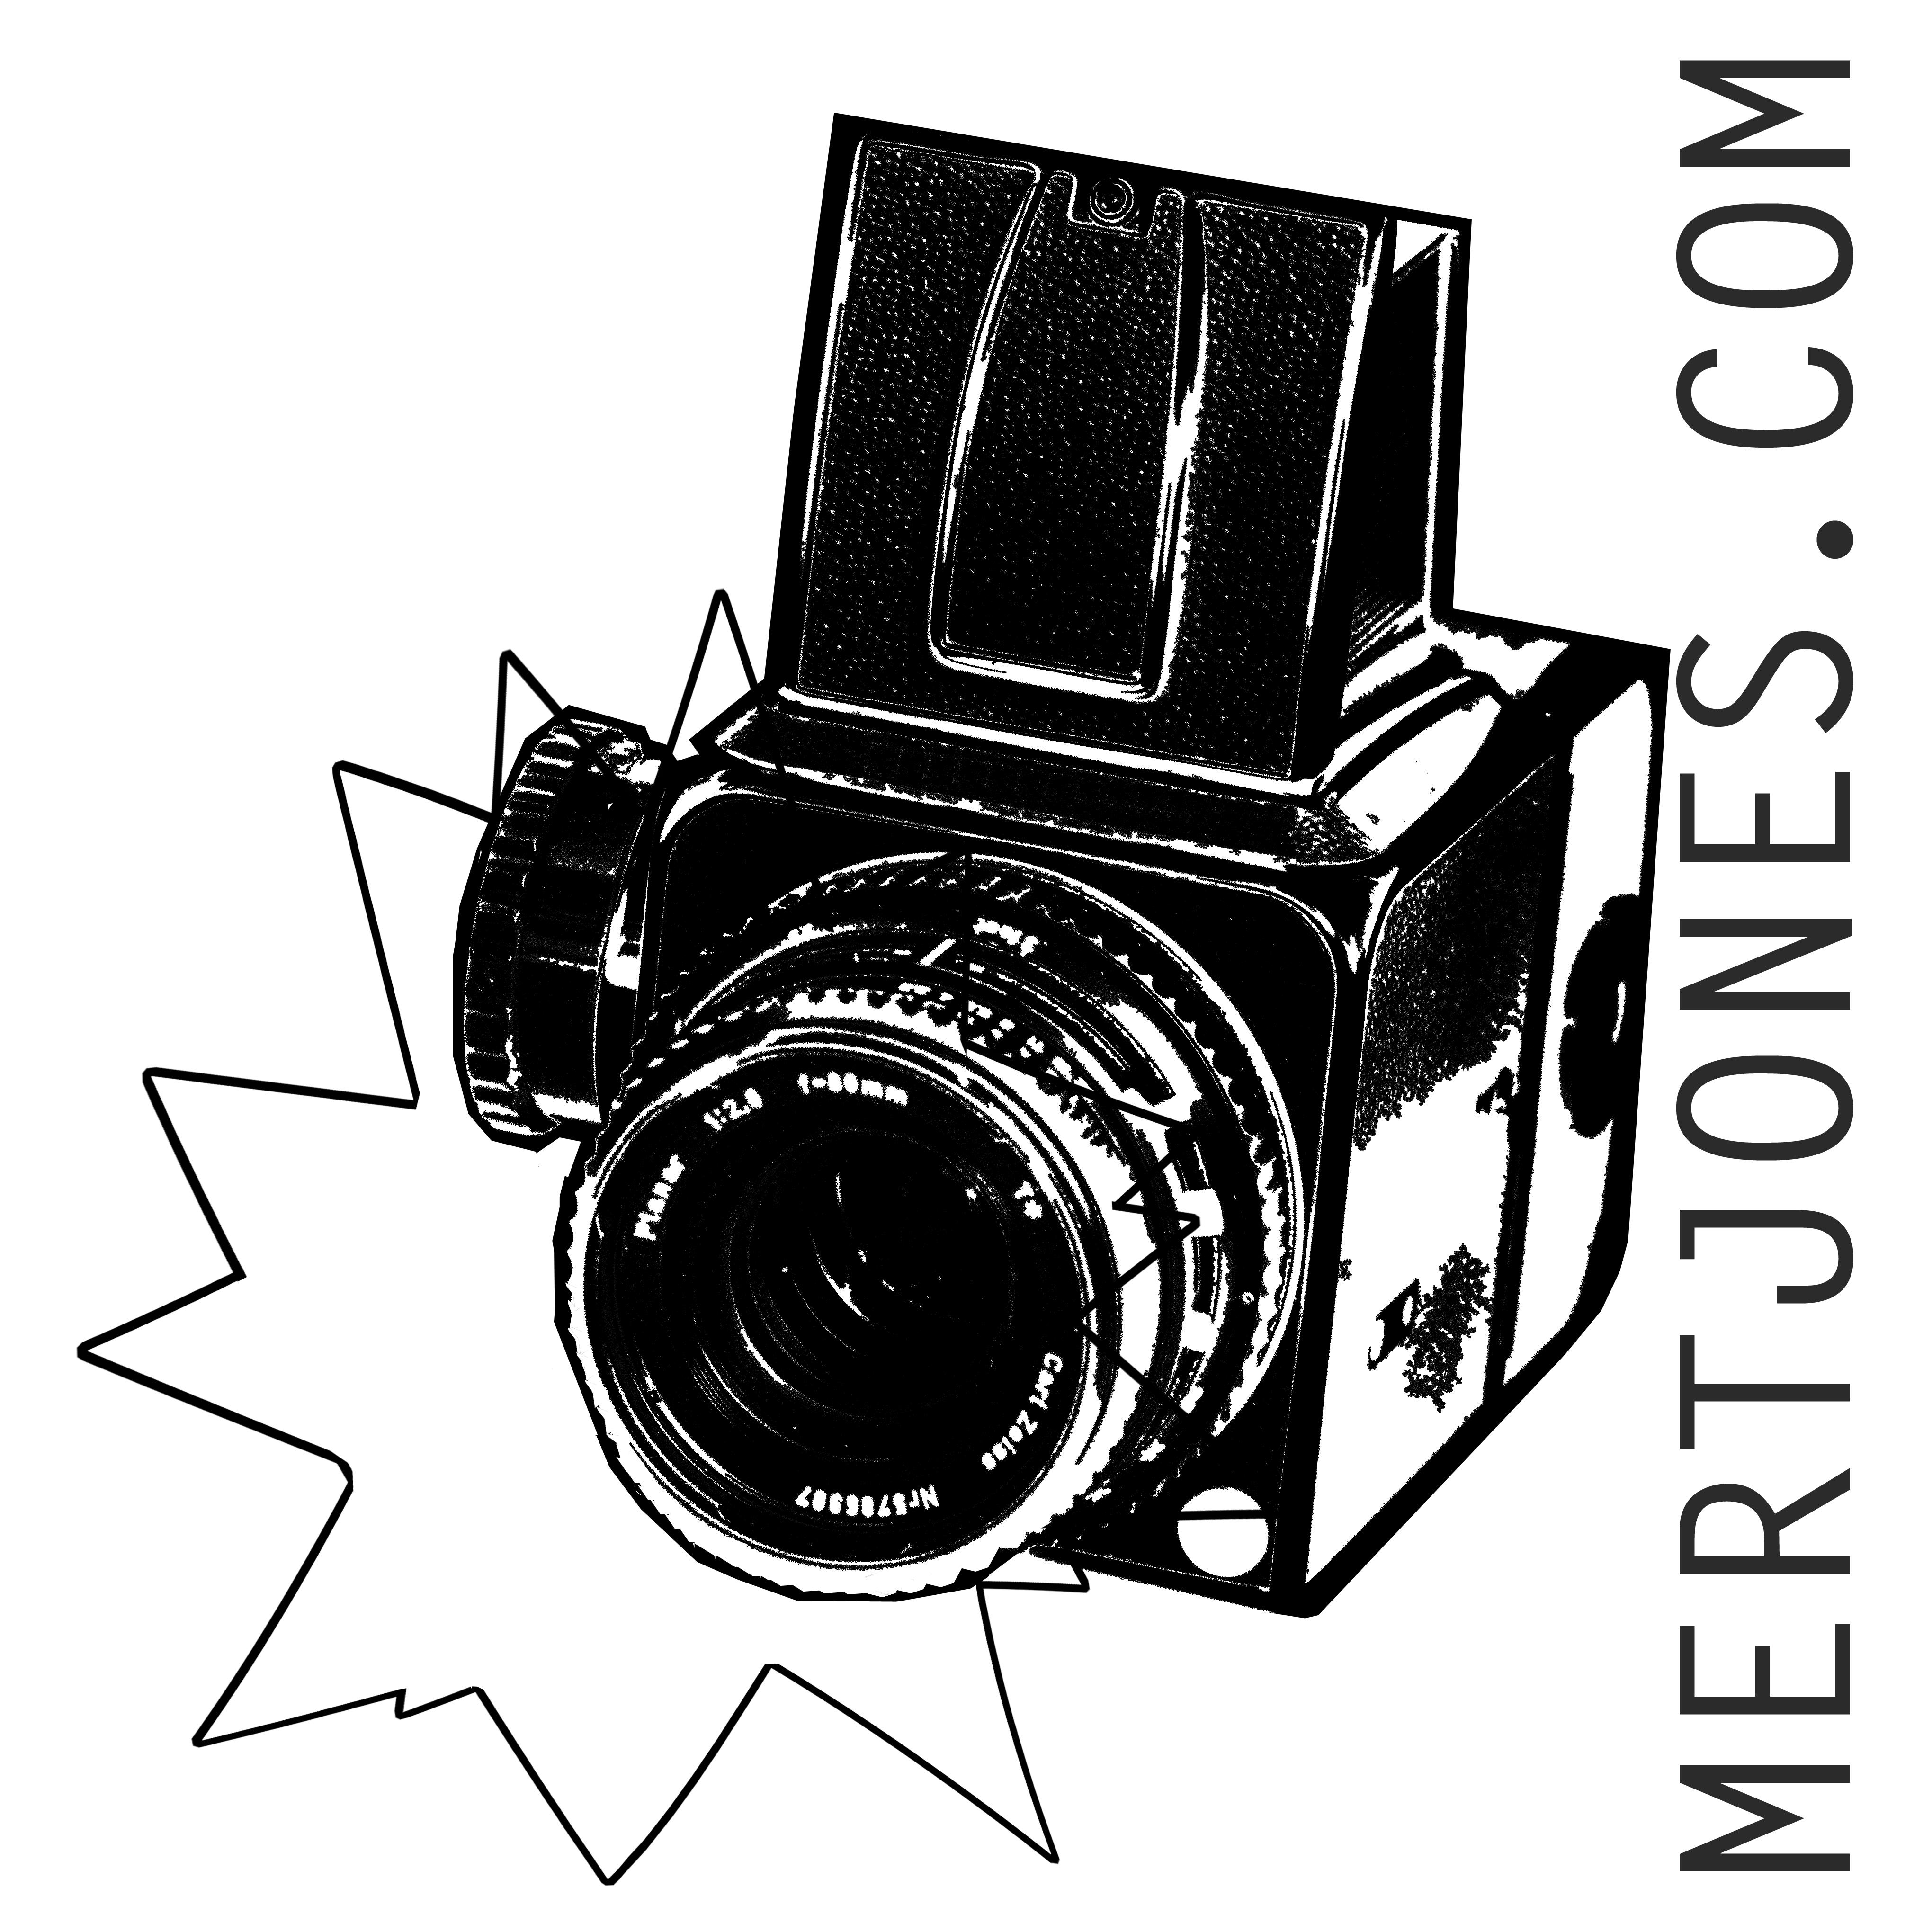 Taste Photography by TOC and Mert Jones (mertjones.com)